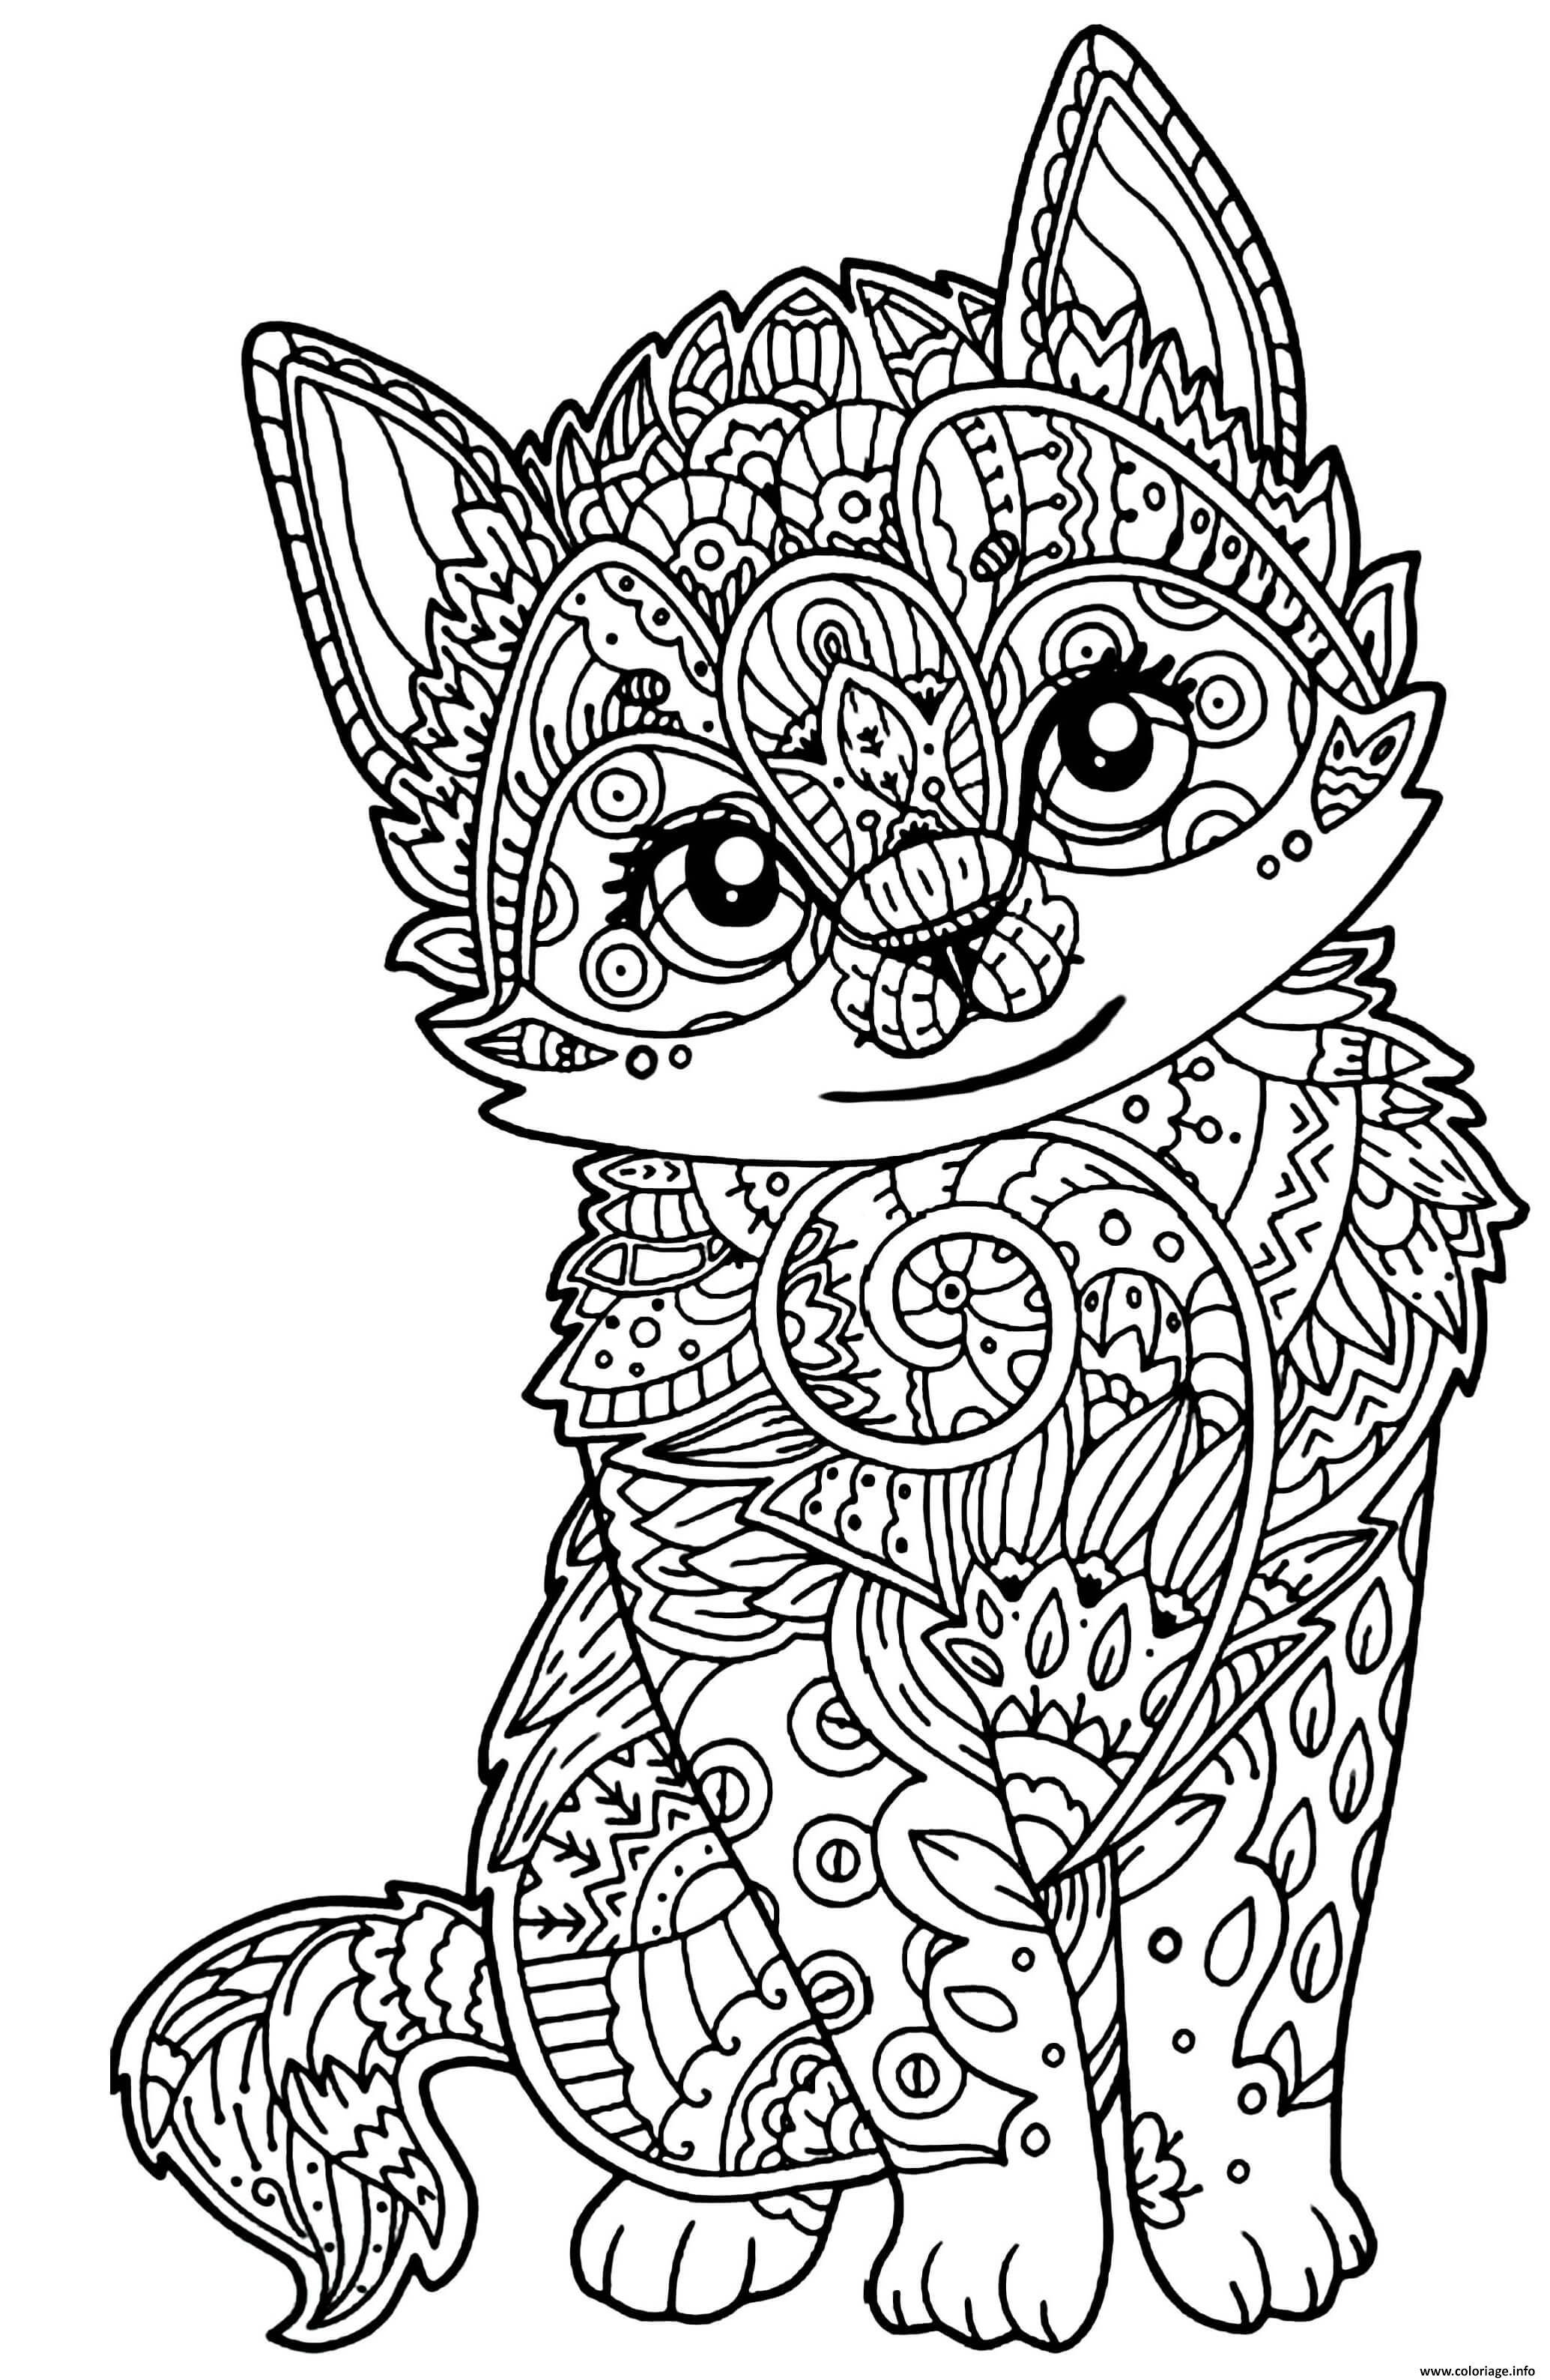 Coloriage Adulte Mandala Mignon Chaton Dessin